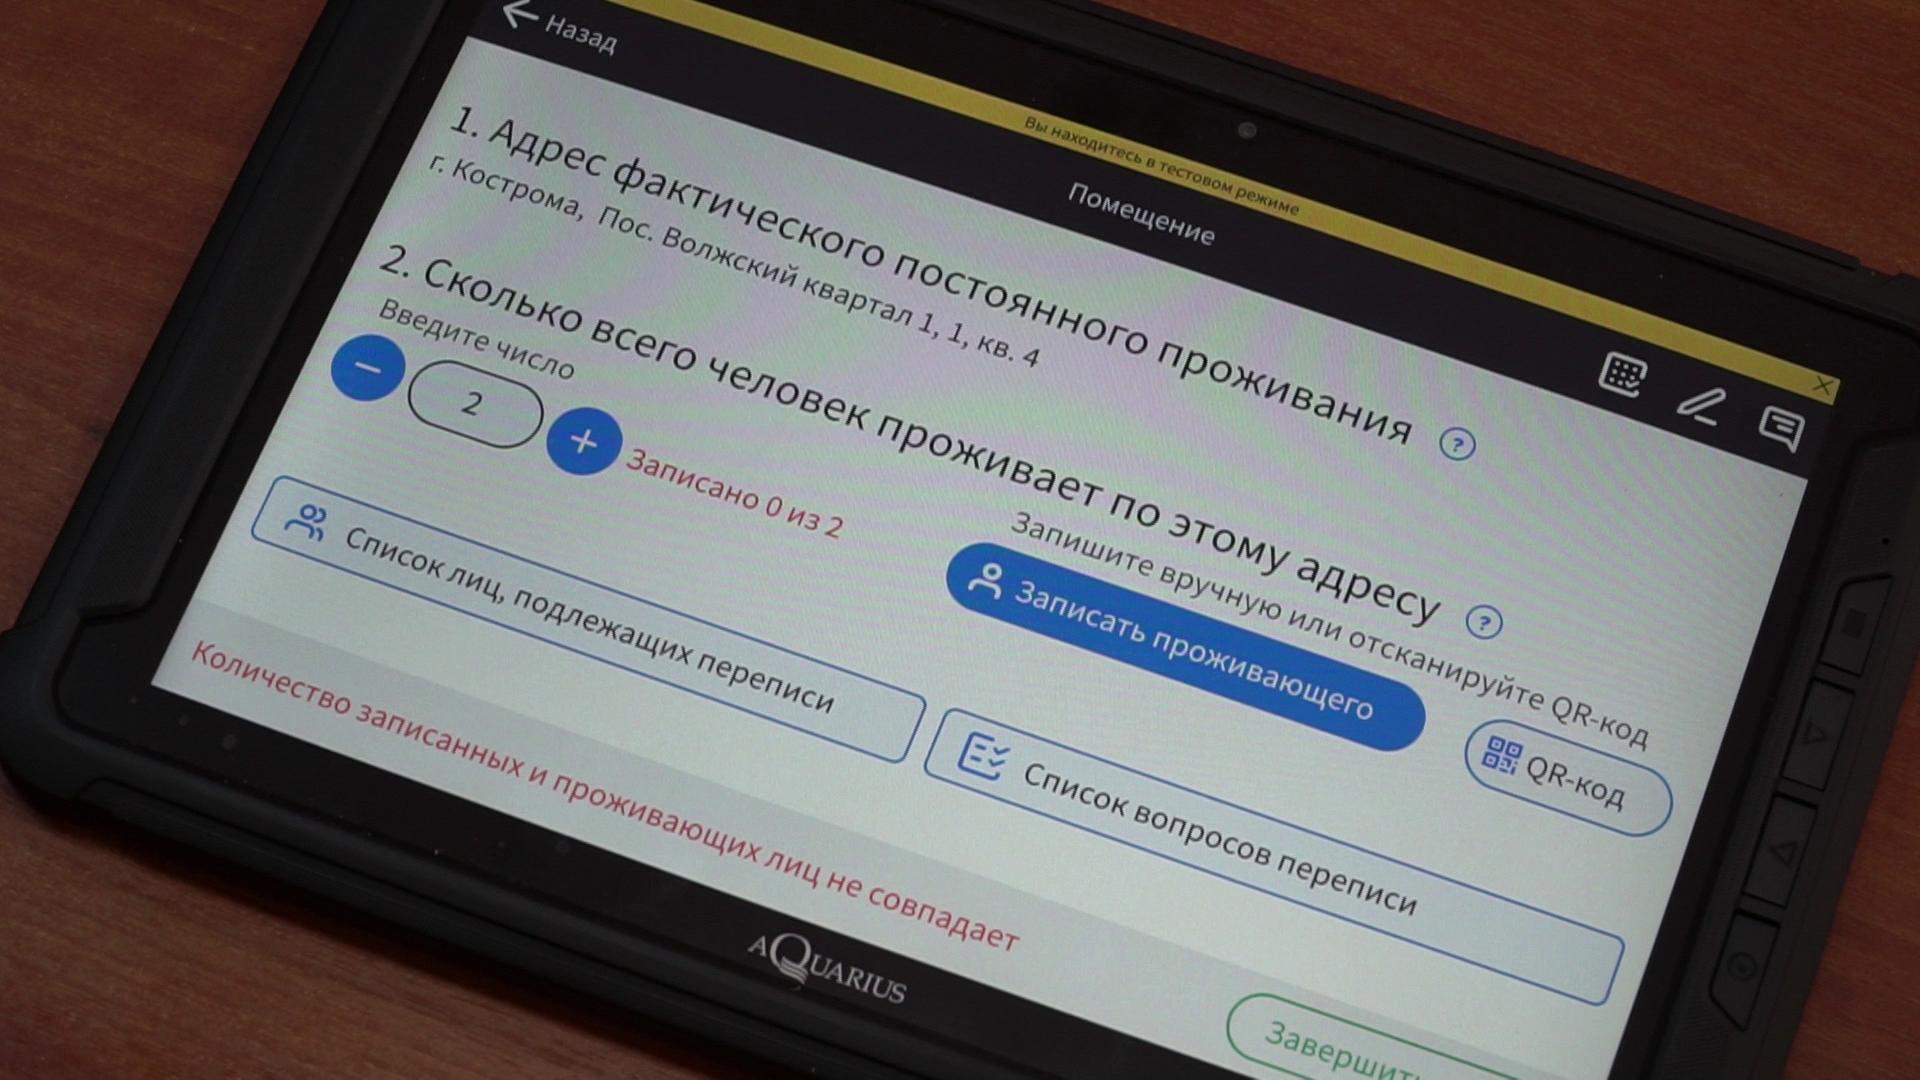 Люди с планшетами готовятся обойти всю Кострому